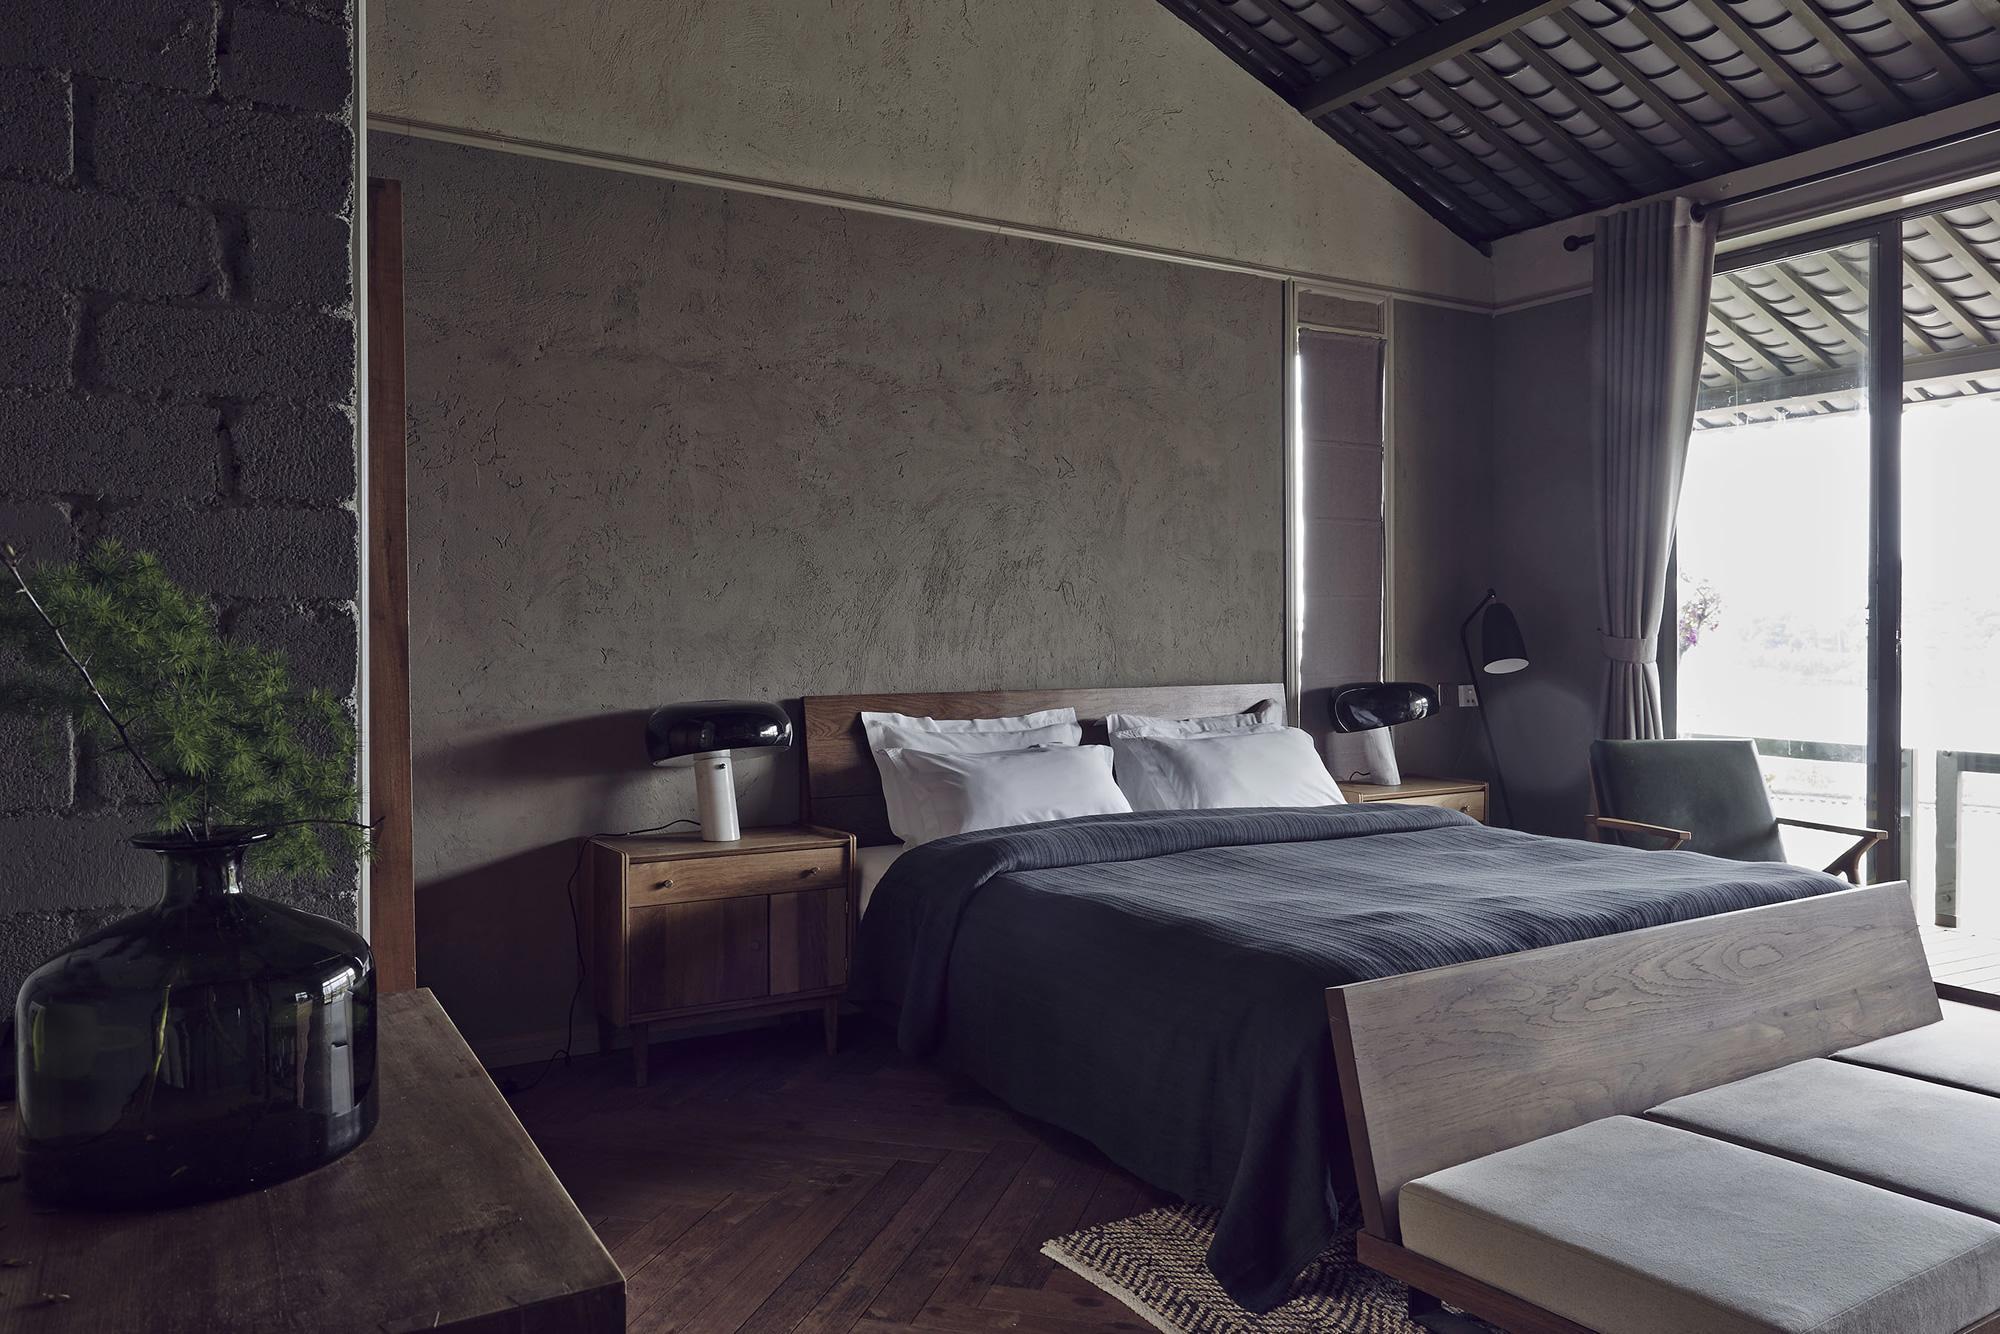 Yakamoz Resort Shuanglang Hai Street Branch In China